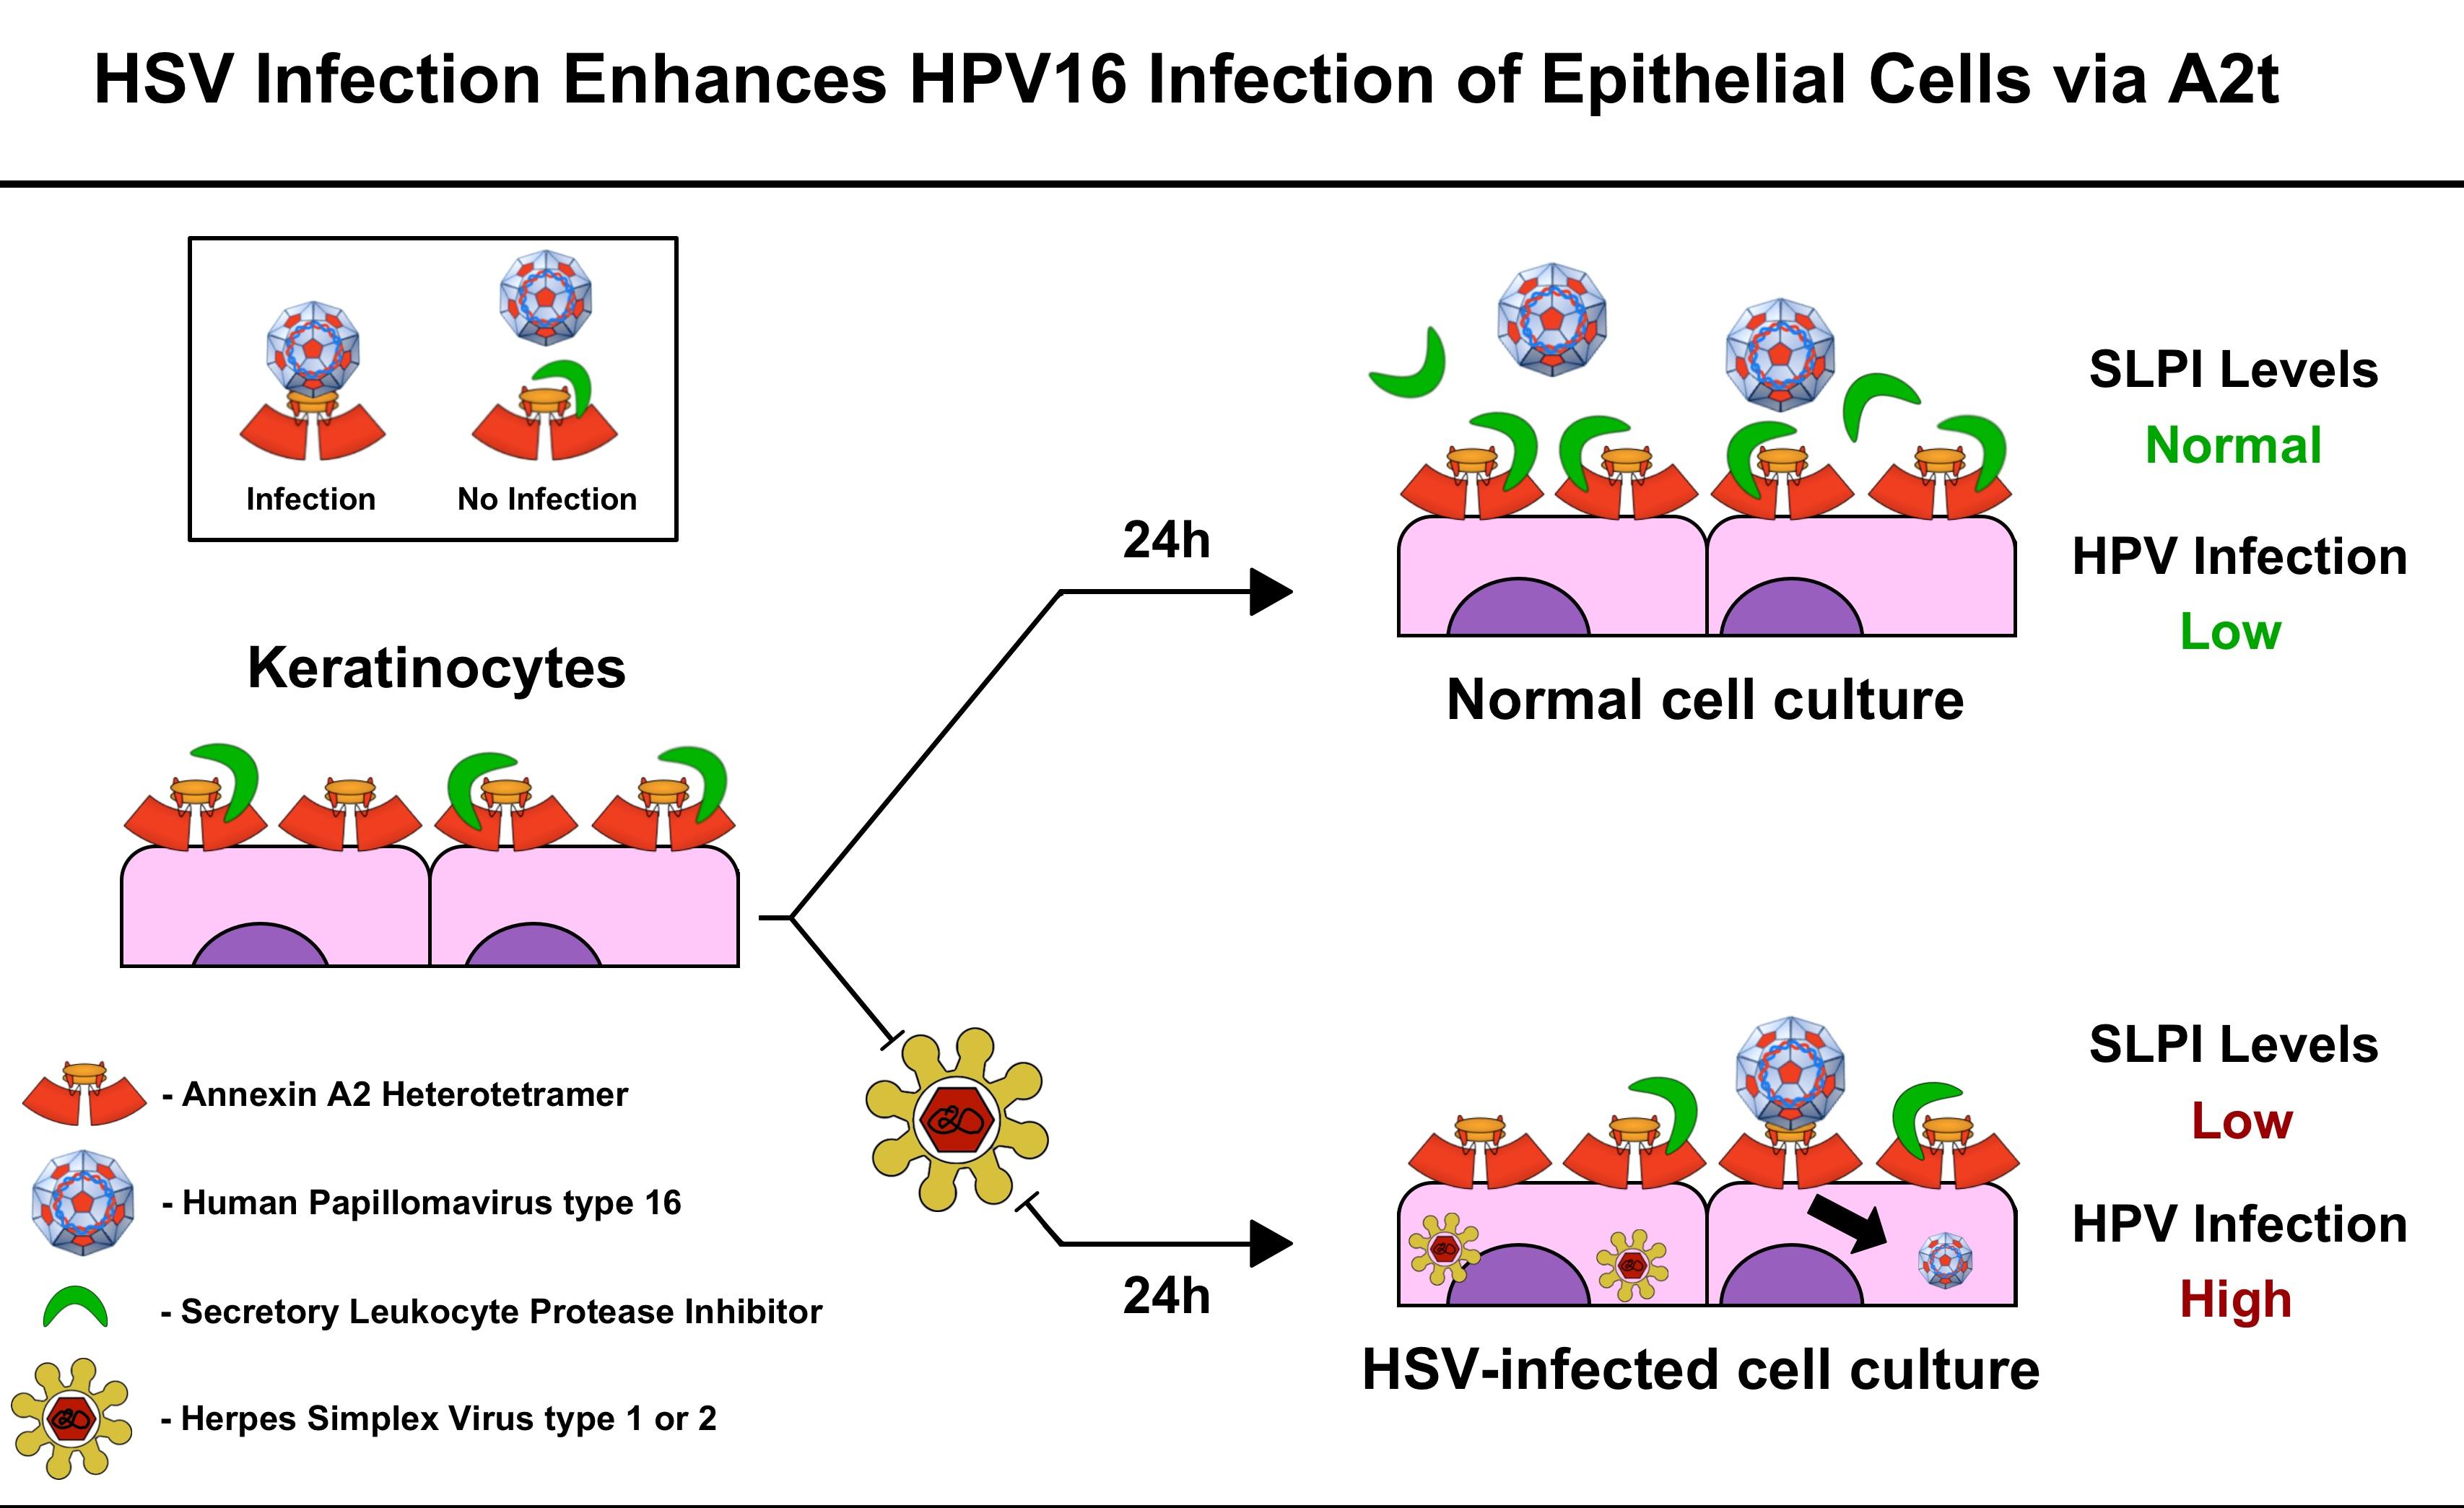 herpes virus human papillomavirus papillon zeugma aile odas